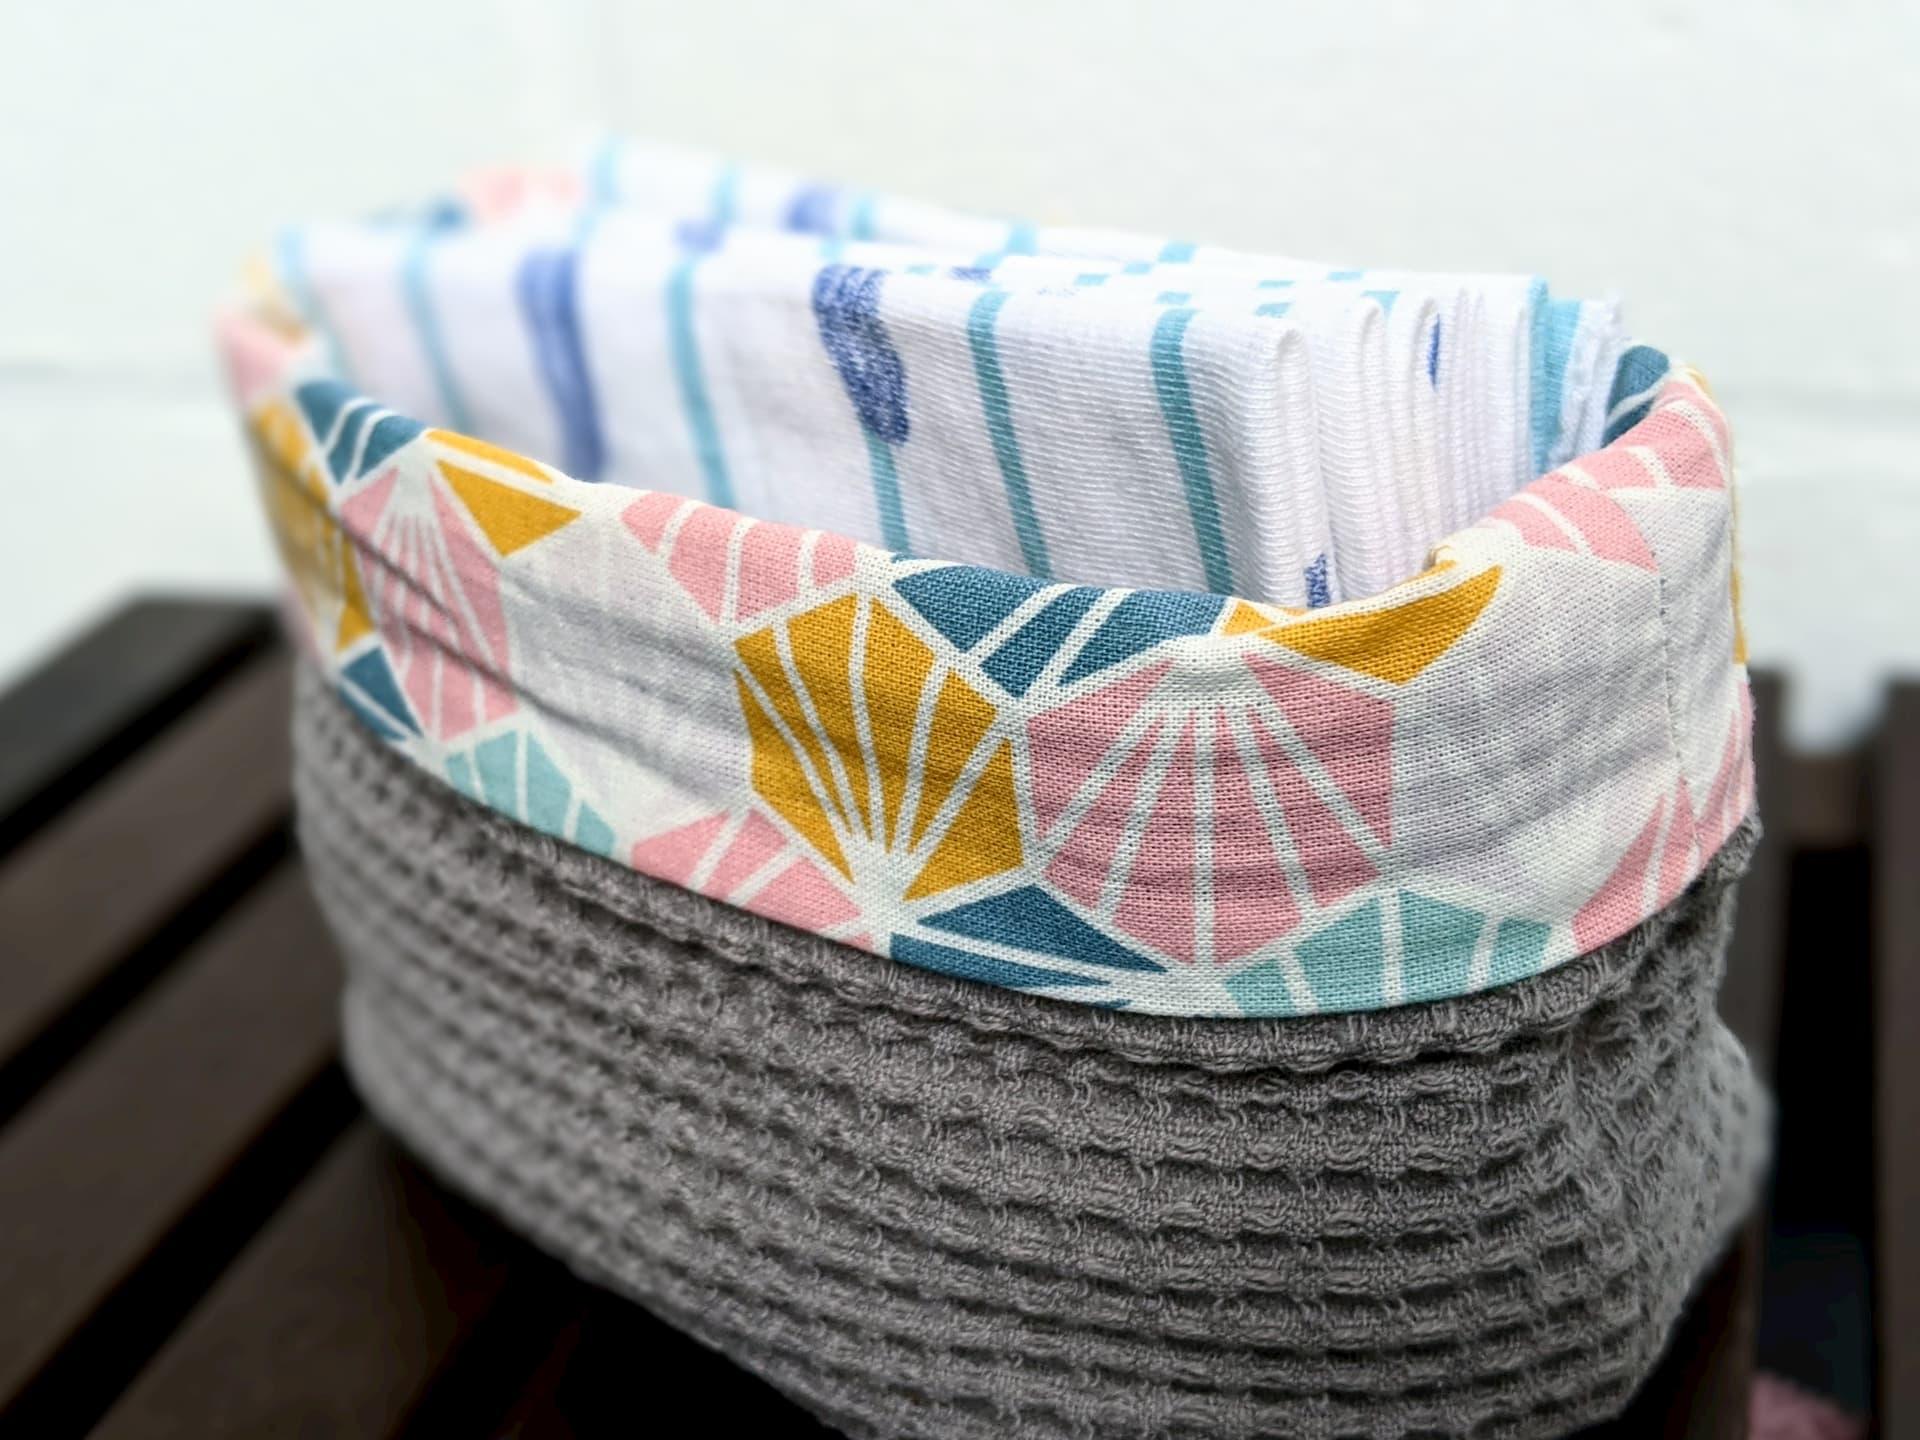 Les mouchoirs en tissu se rangent facilement